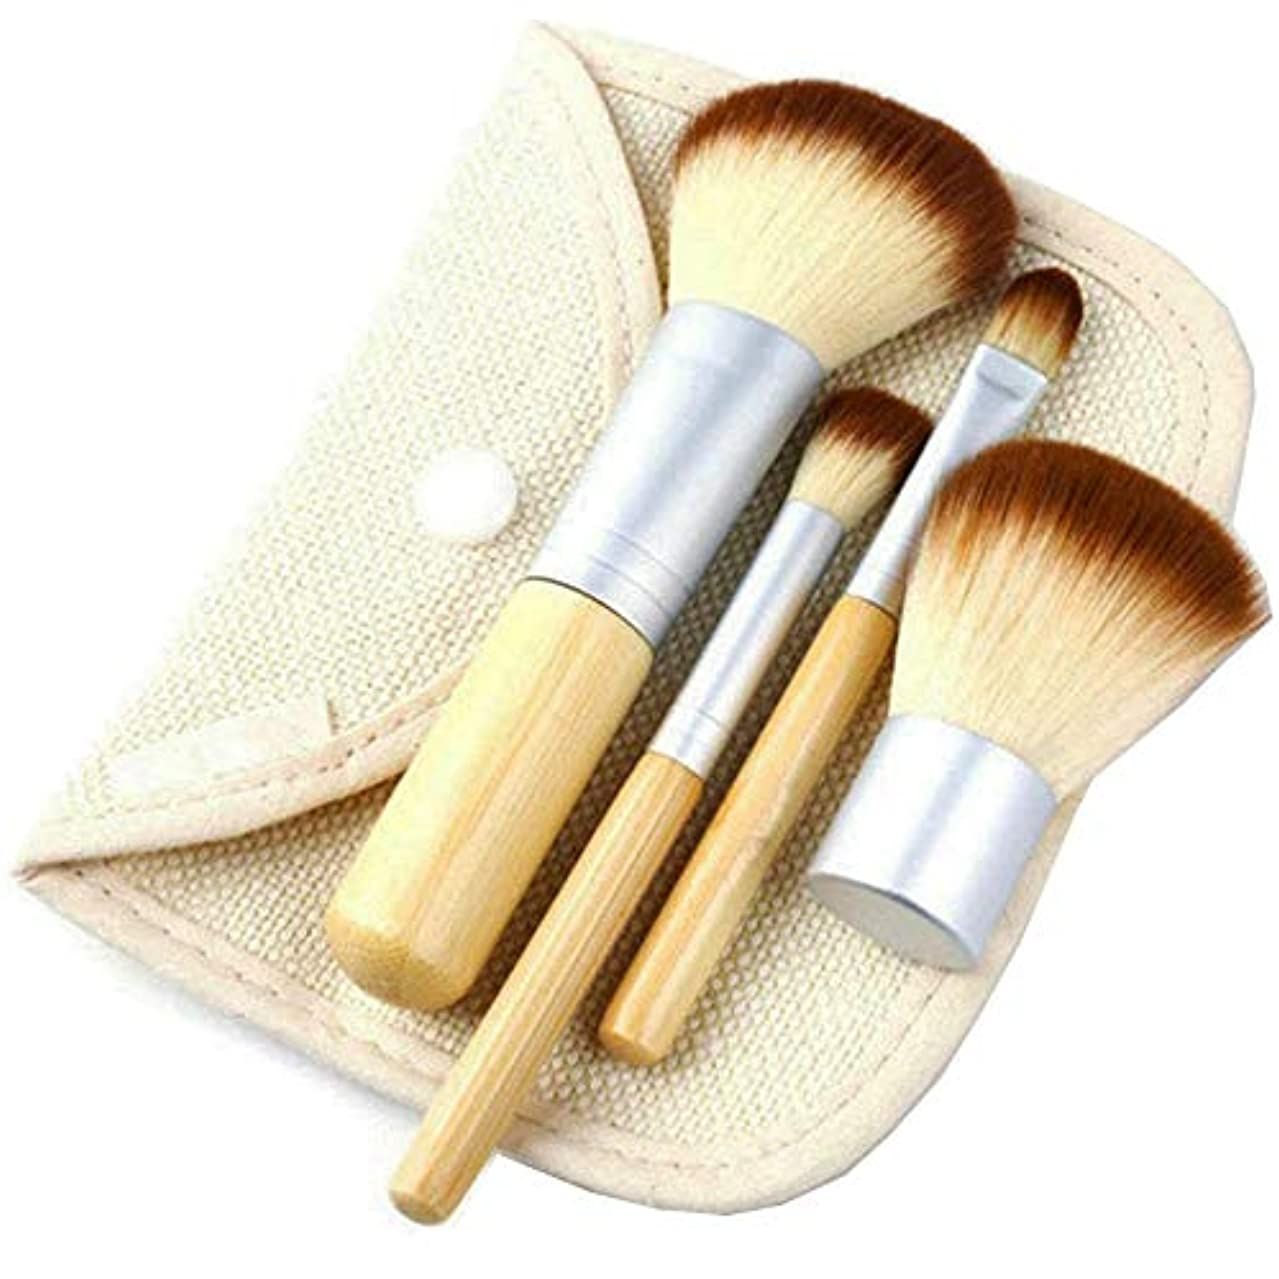 感嘆取る呪いUrban frontier メイクブラシ 化粧筆 竹製 4本セット 化粧ポーチ付き 携帯便利 メイク道具 プレゼント